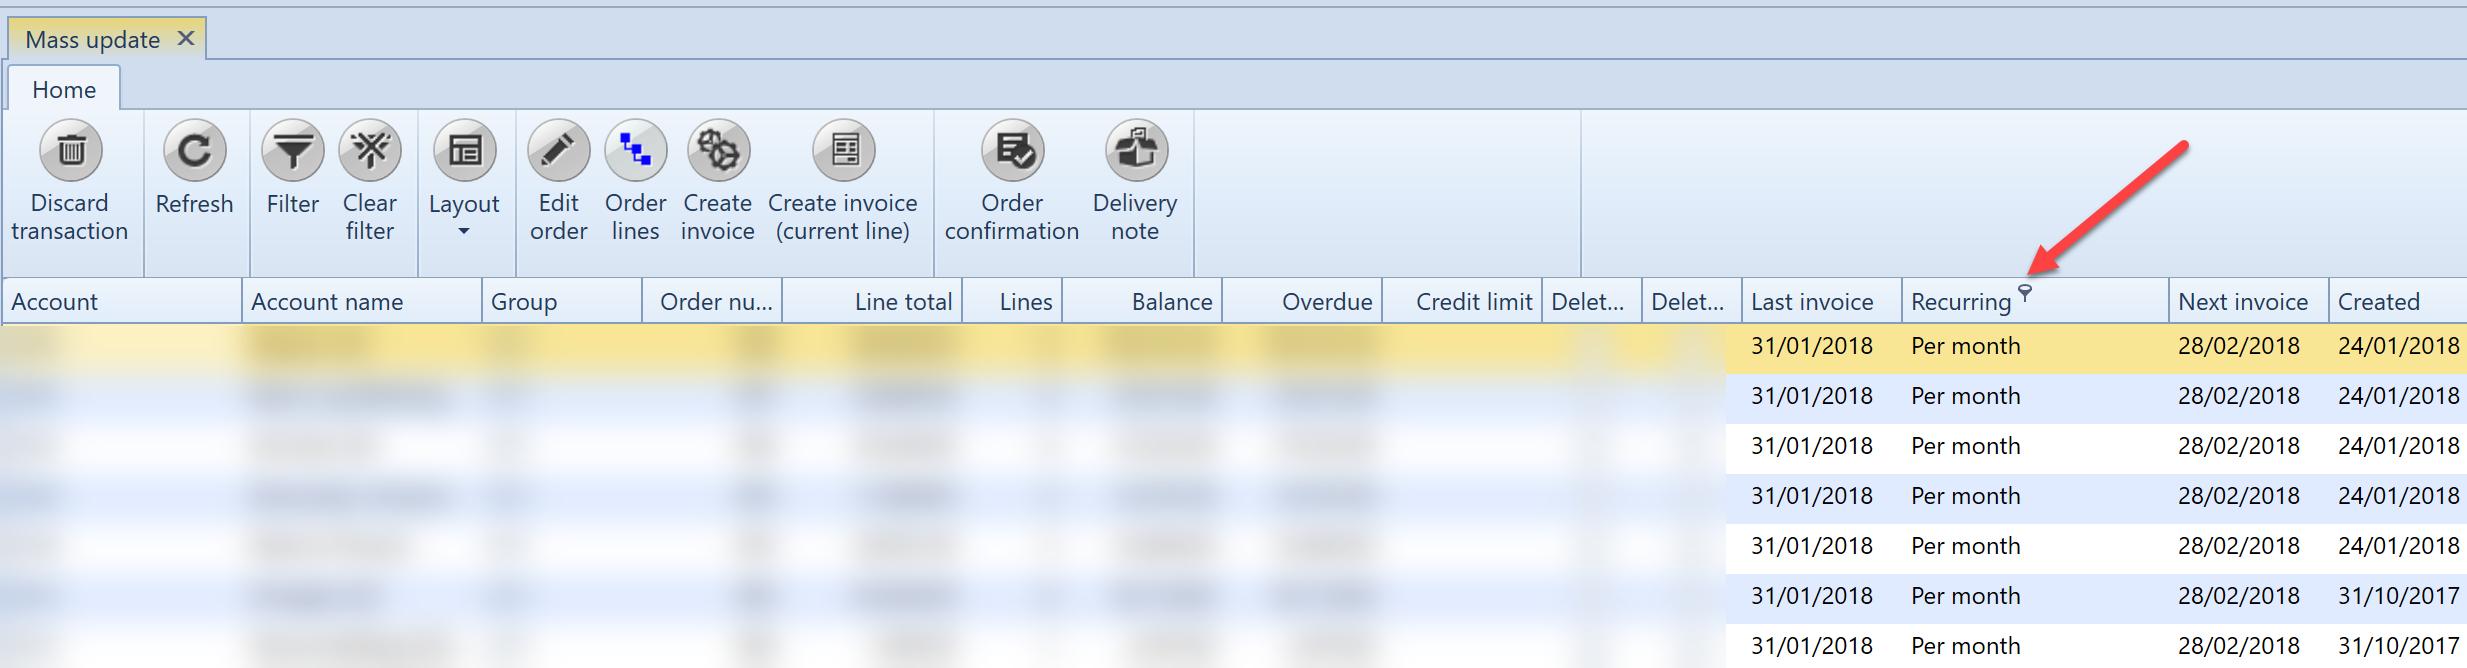 , Mass update, Uniconta